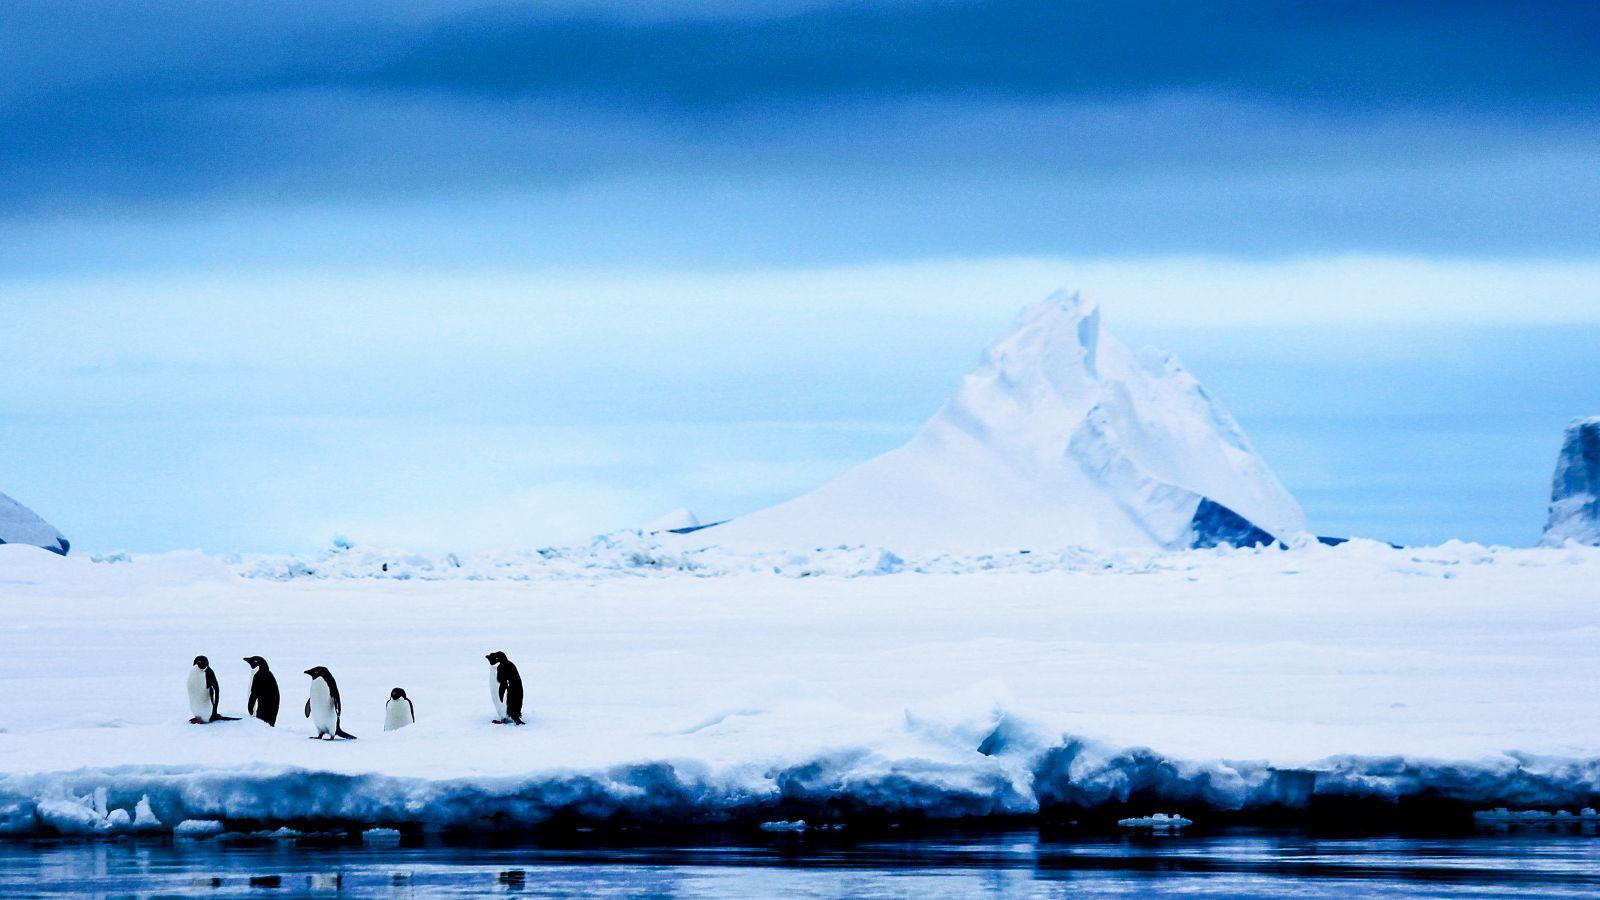 Adelie penguins cluster together in Antarctica.